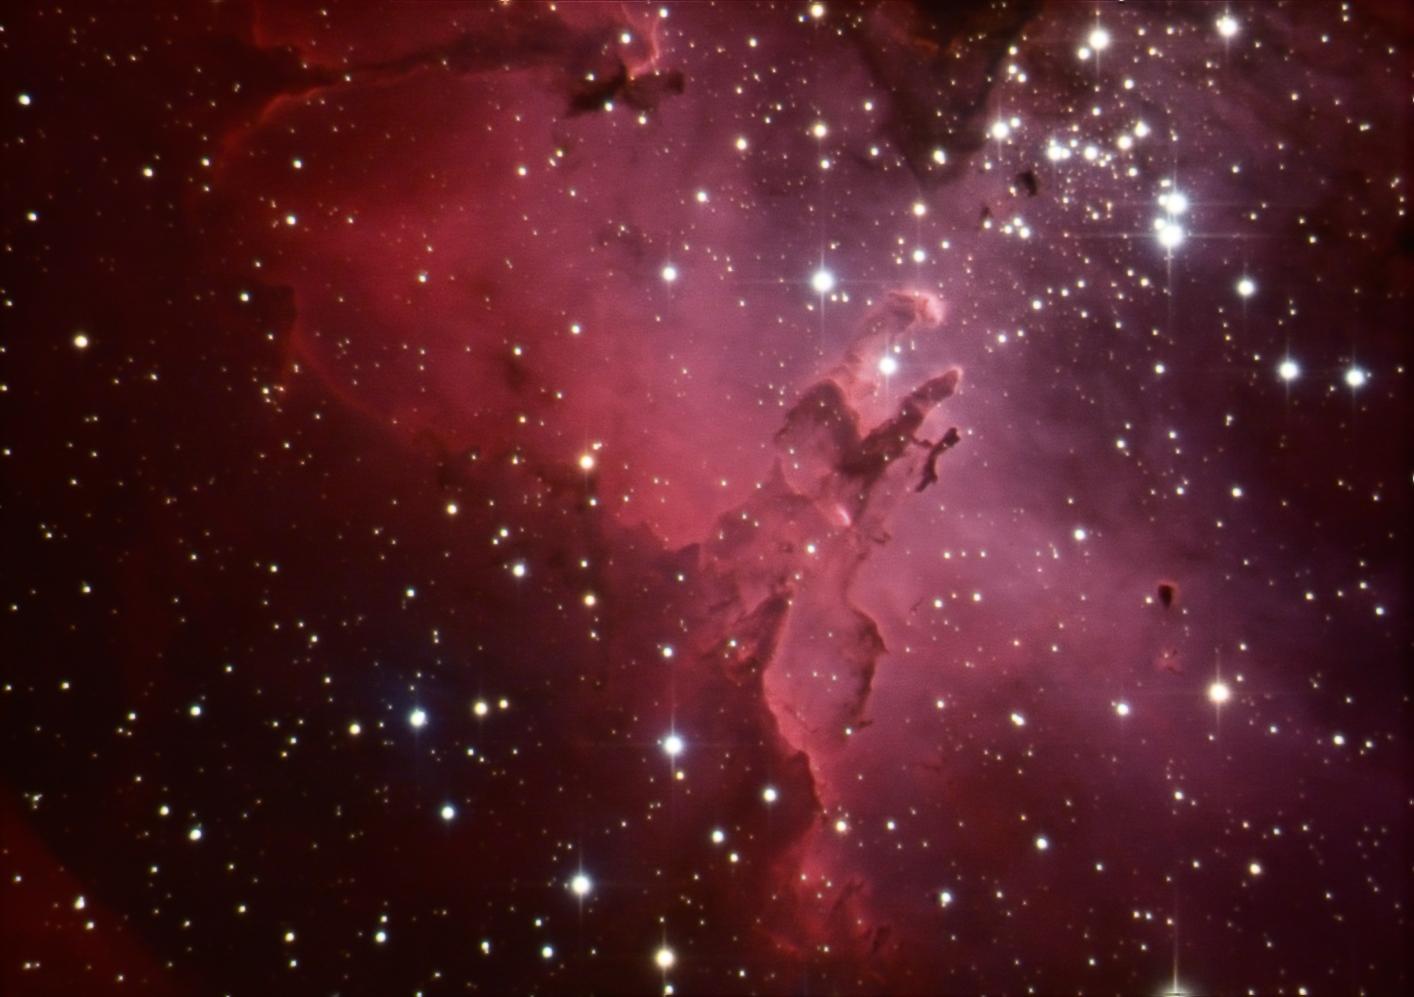 m16, m17 et VL: créationnisme et Oh! Méga voie lactée 122643-1561814891